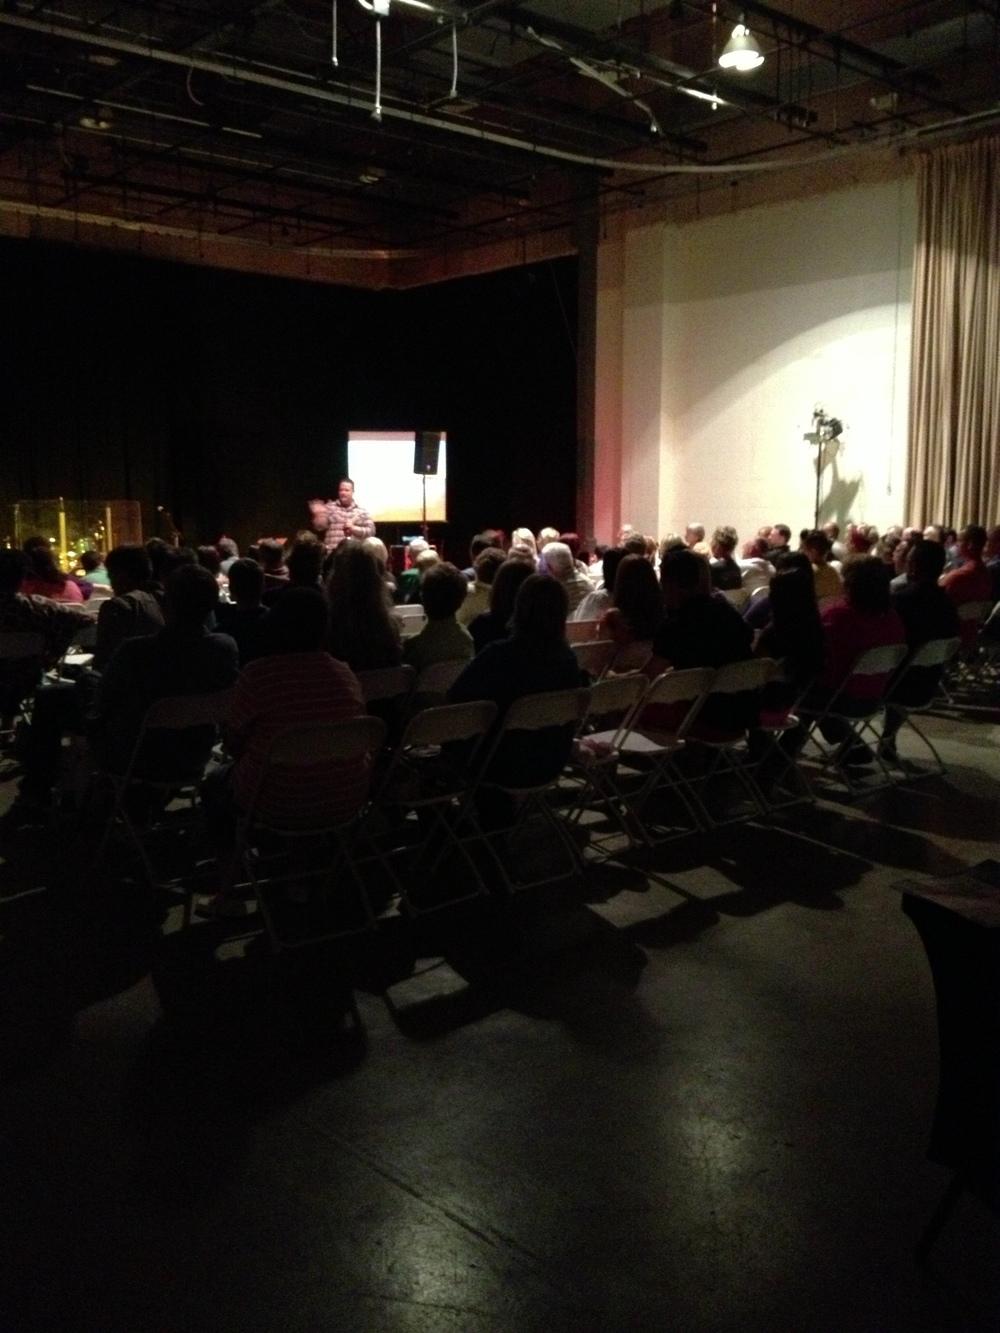 Awakening pic (audience).jpg